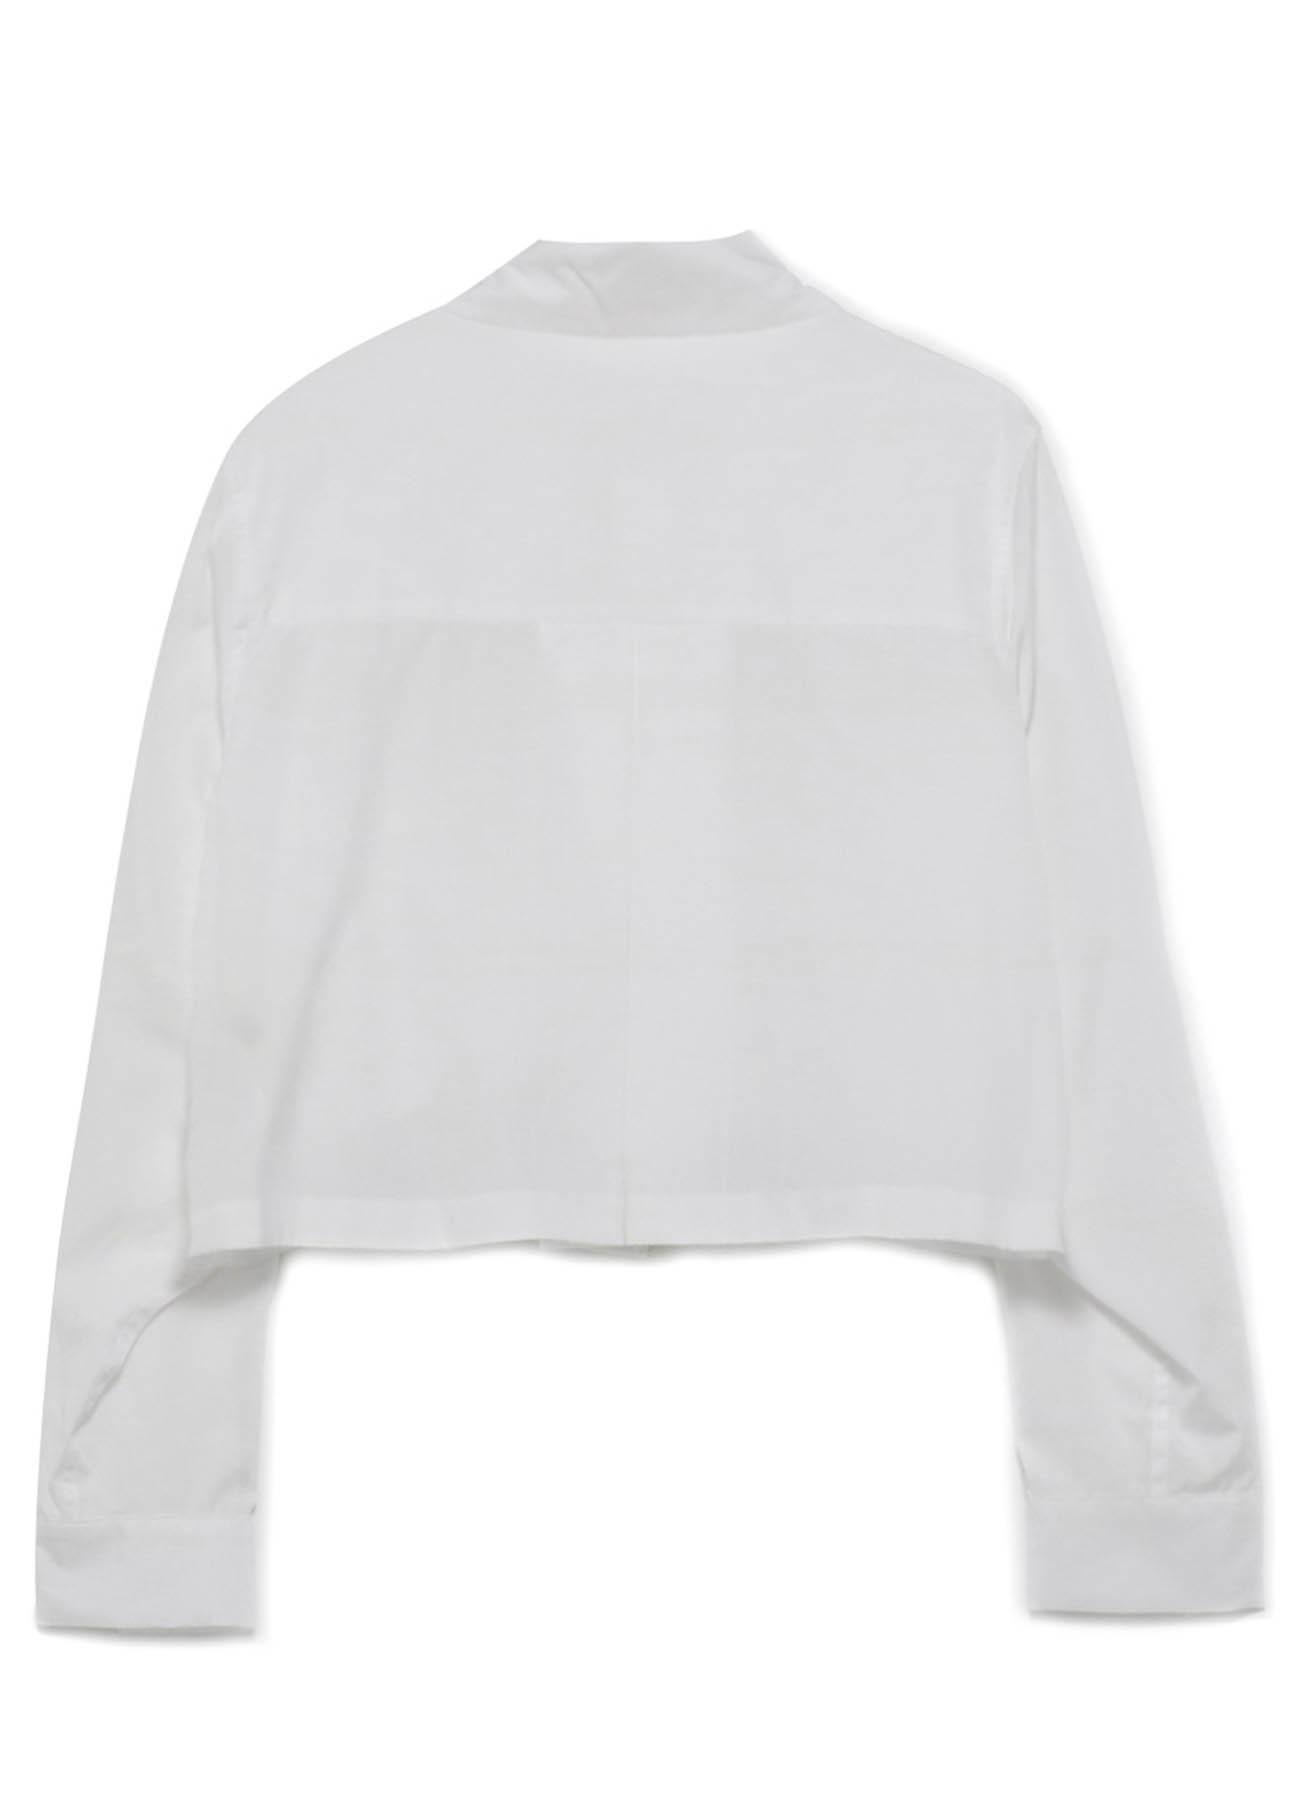 100/2 ブロードBタレポケショートシャツ